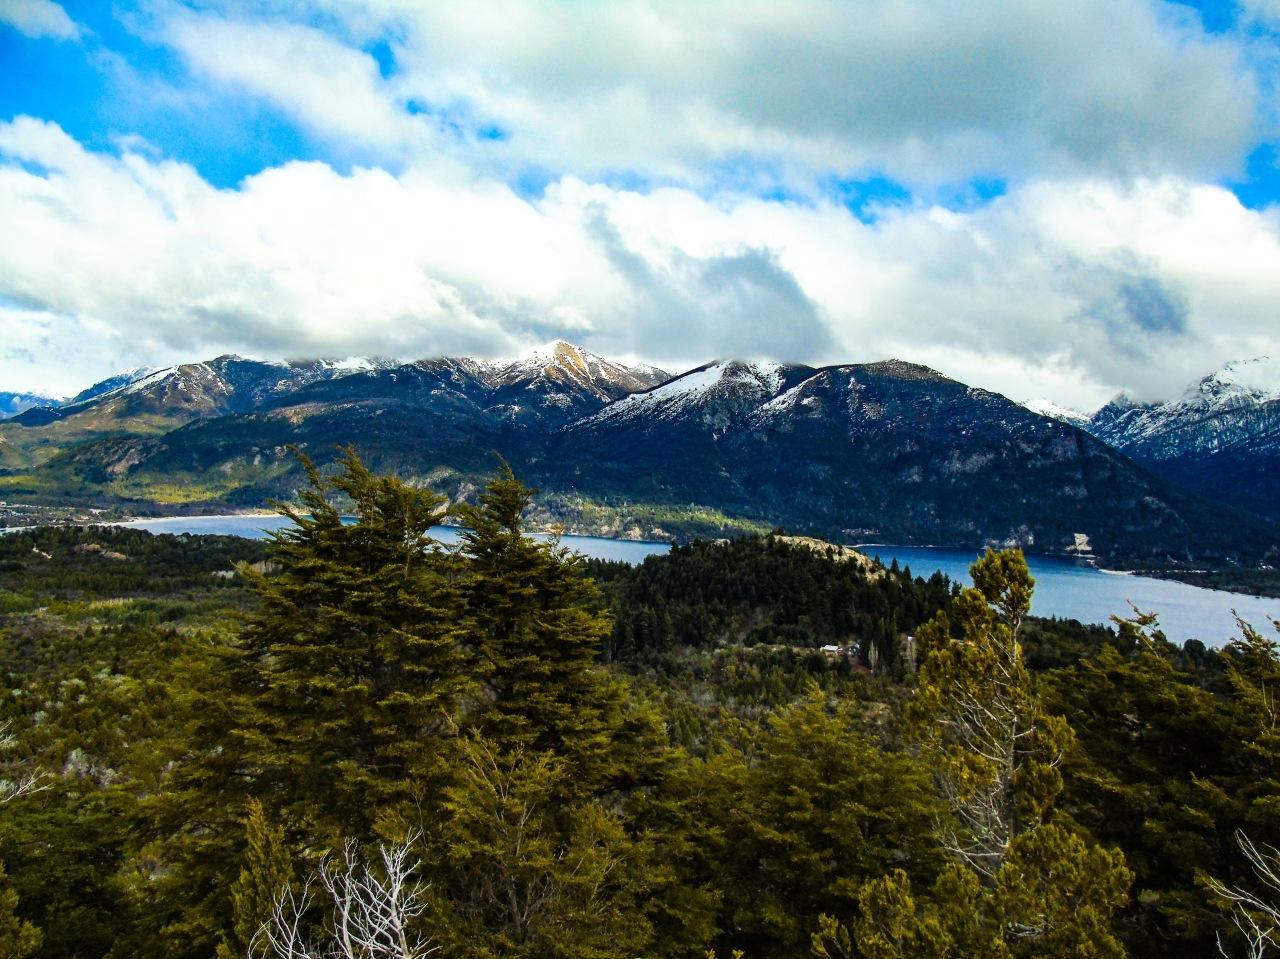 Que hacer y ver enBariloche